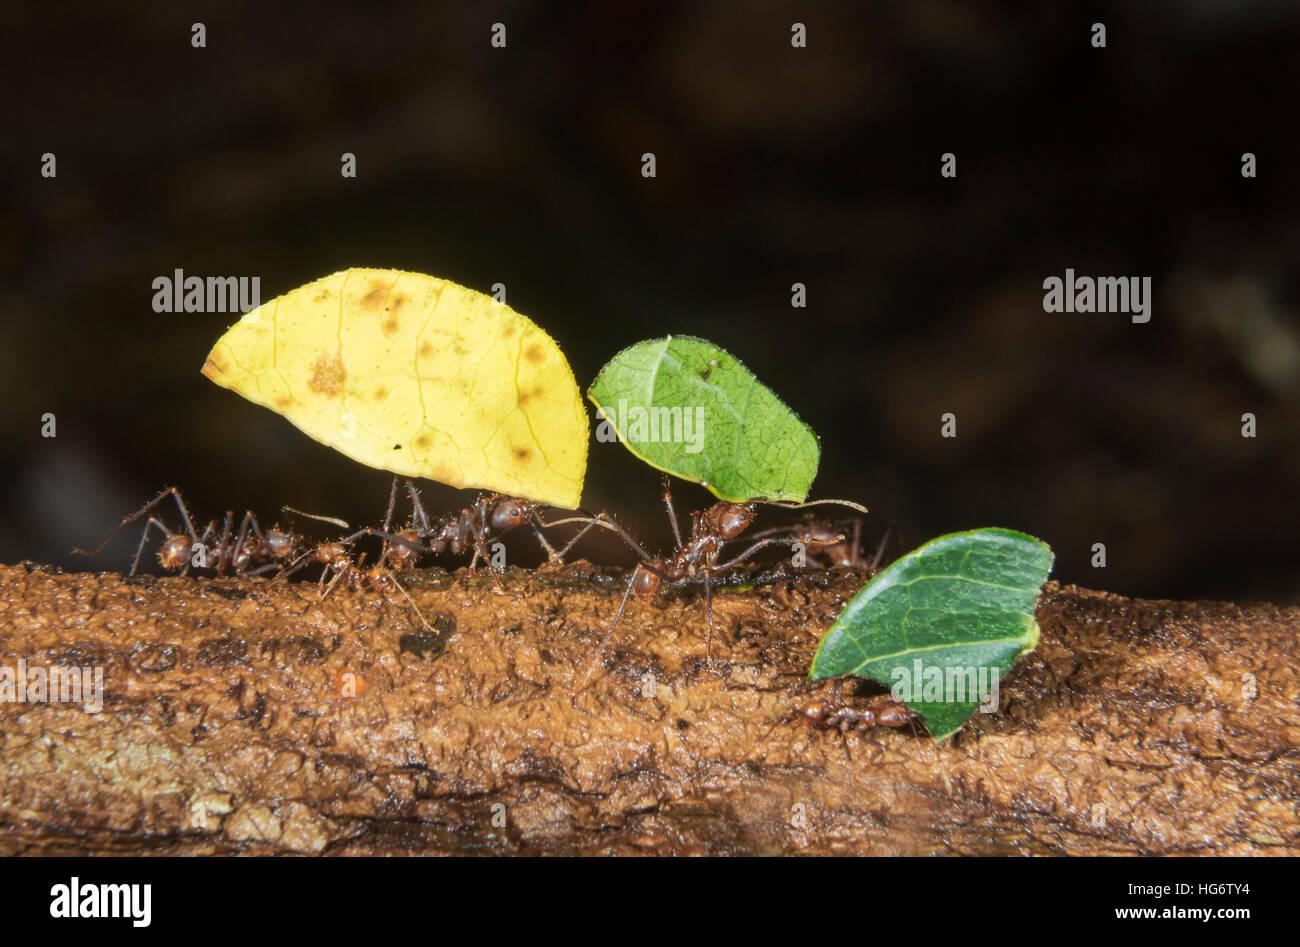 Leafcutter formiche (Atta colombica) porta con sé pezzi di foglie, Belize, America Centrale Immagini Stock